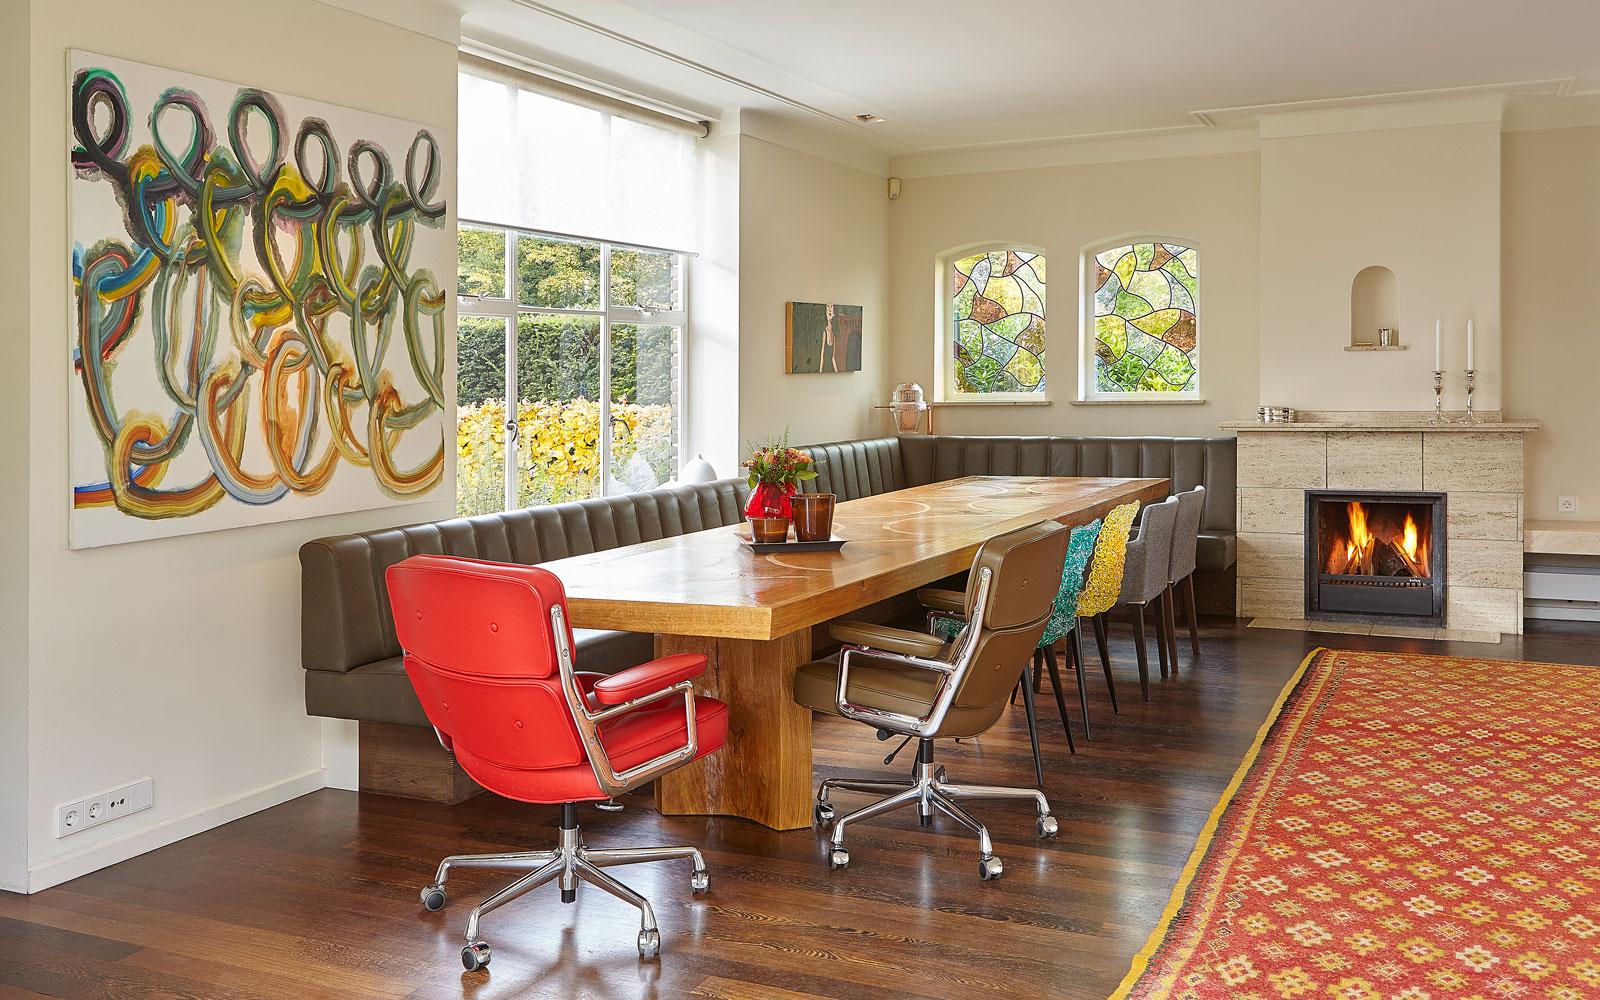 Eettafel, boomstamtafel, hout, lange bank, woonkamer, eetkamer, vooroorlogse villa, De Bever Architecten